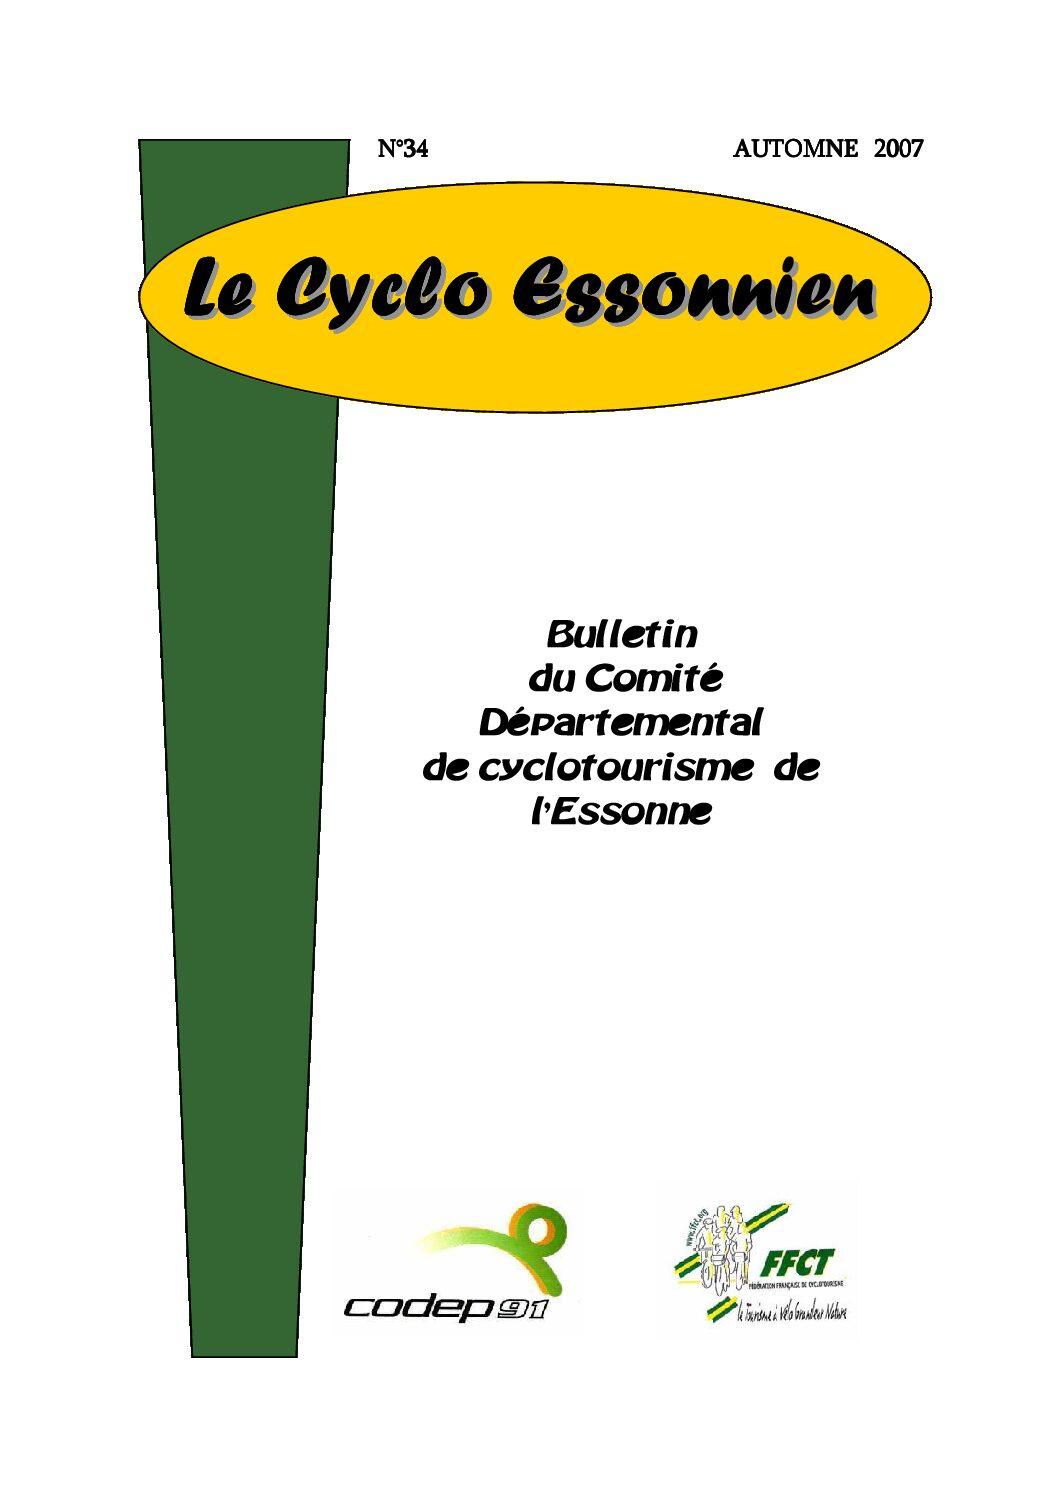 Le Cyclo Essonnien n°34